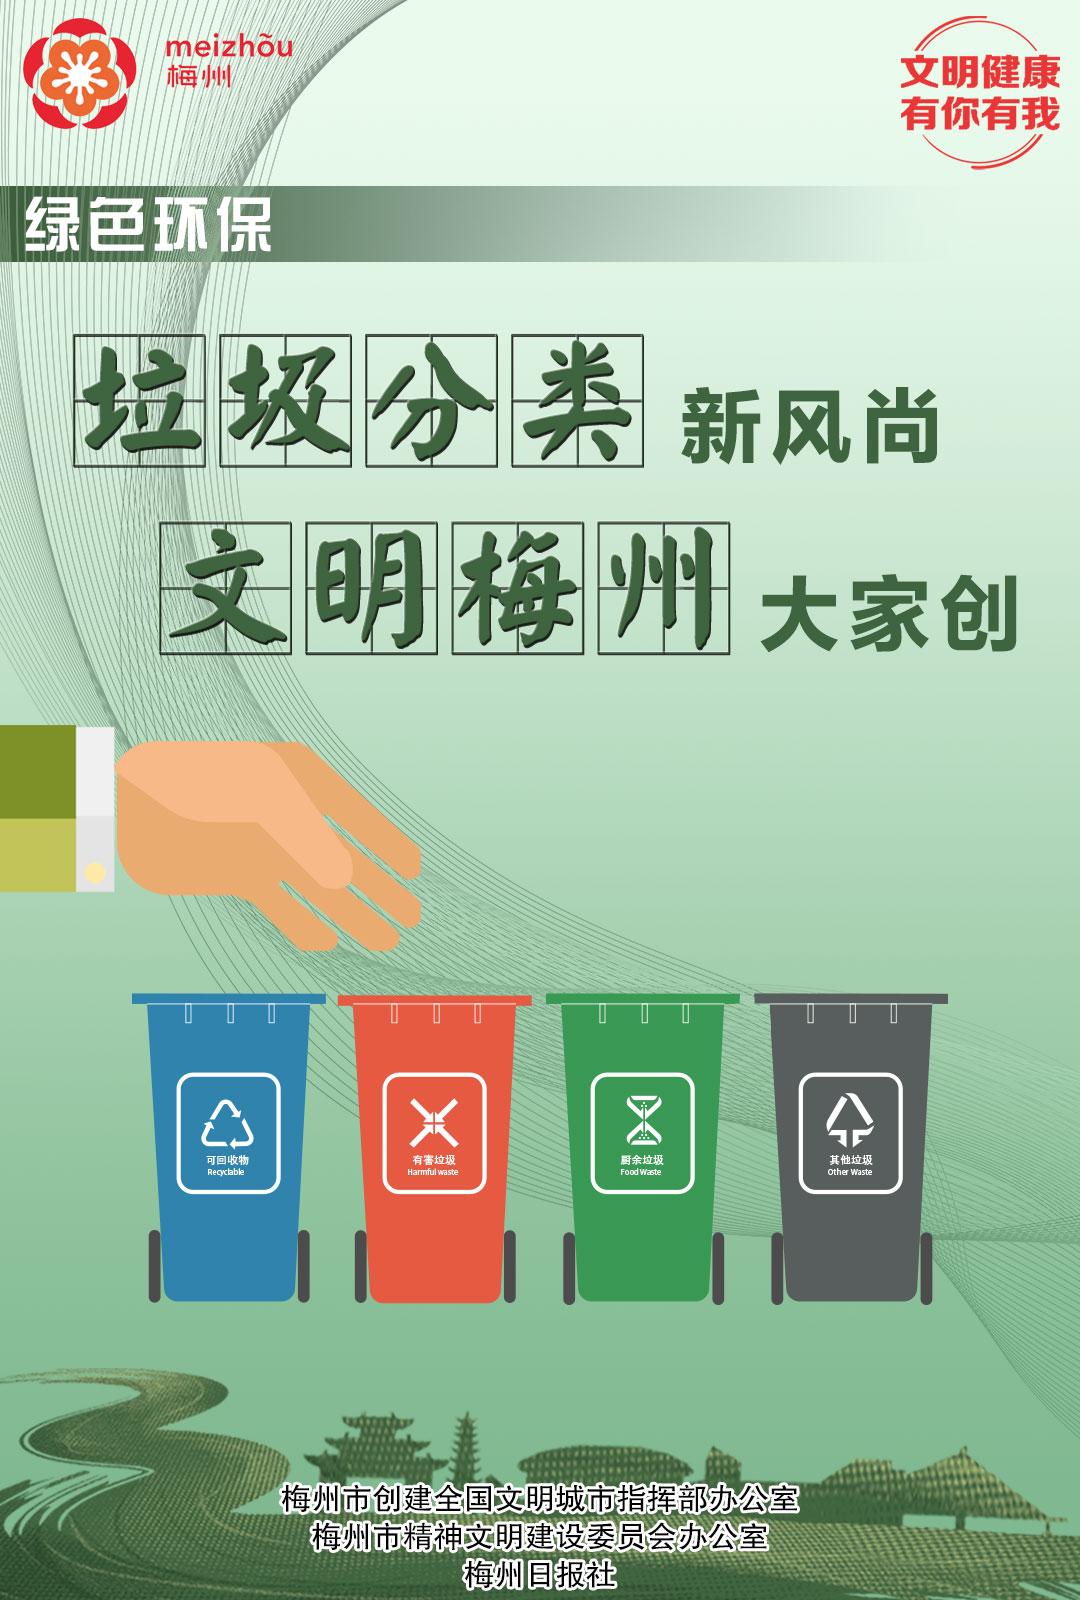 一、绿色环保-3.垃圾分类(竖).jpg